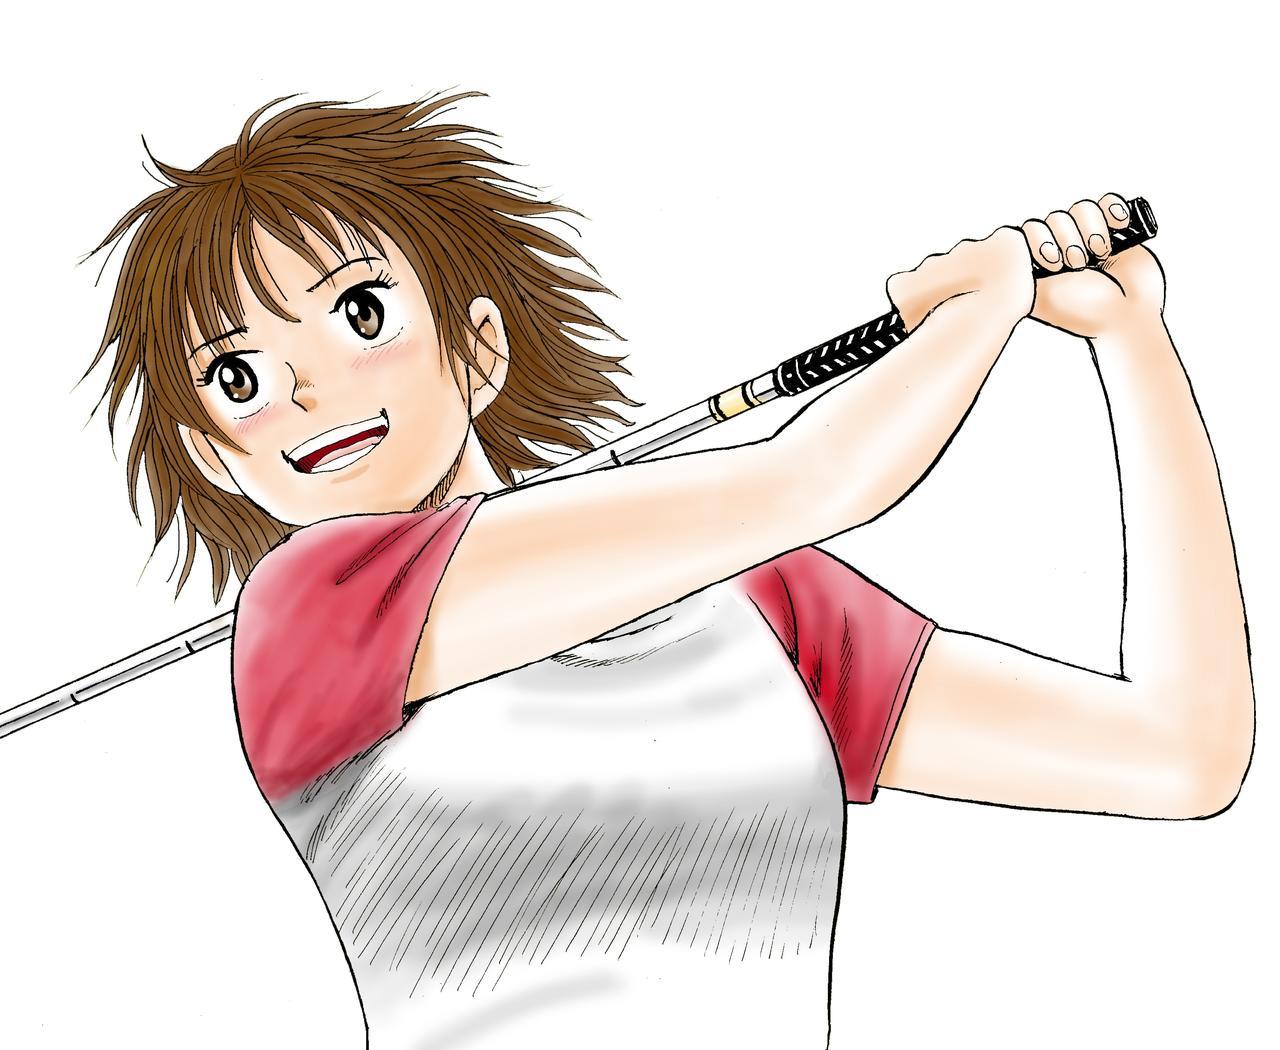 画像1: 全問正解で特製クリアファイルプレゼント! ジャパンゴルフフェア特別企画「とんぼクイズ」に参加しよう